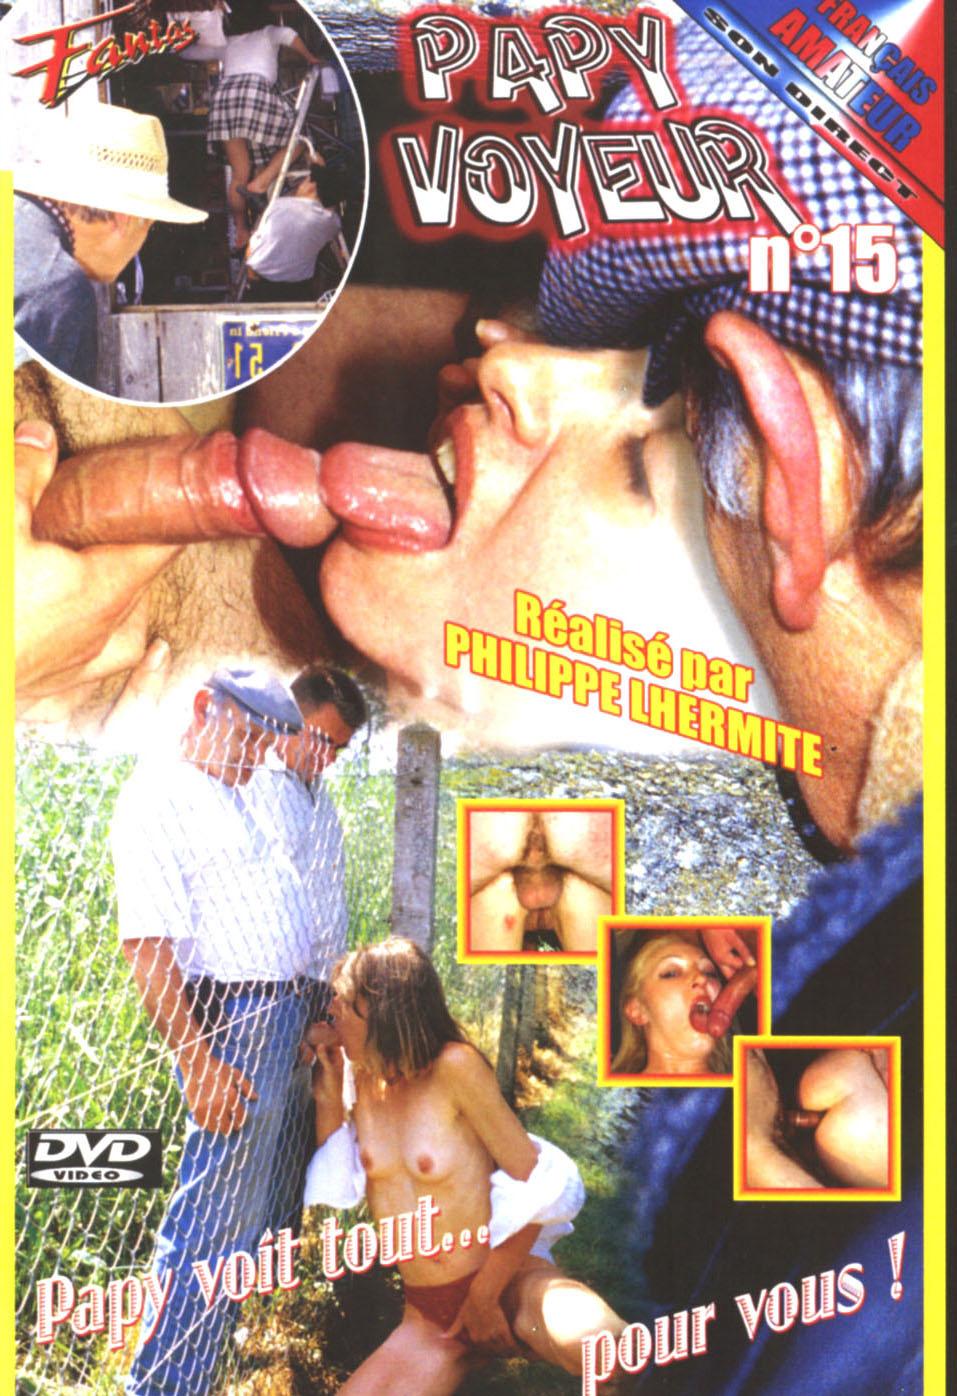 Скачать порно Дедушка-вуаерист 15 / Papy Voyeur 15 (2000) VOD